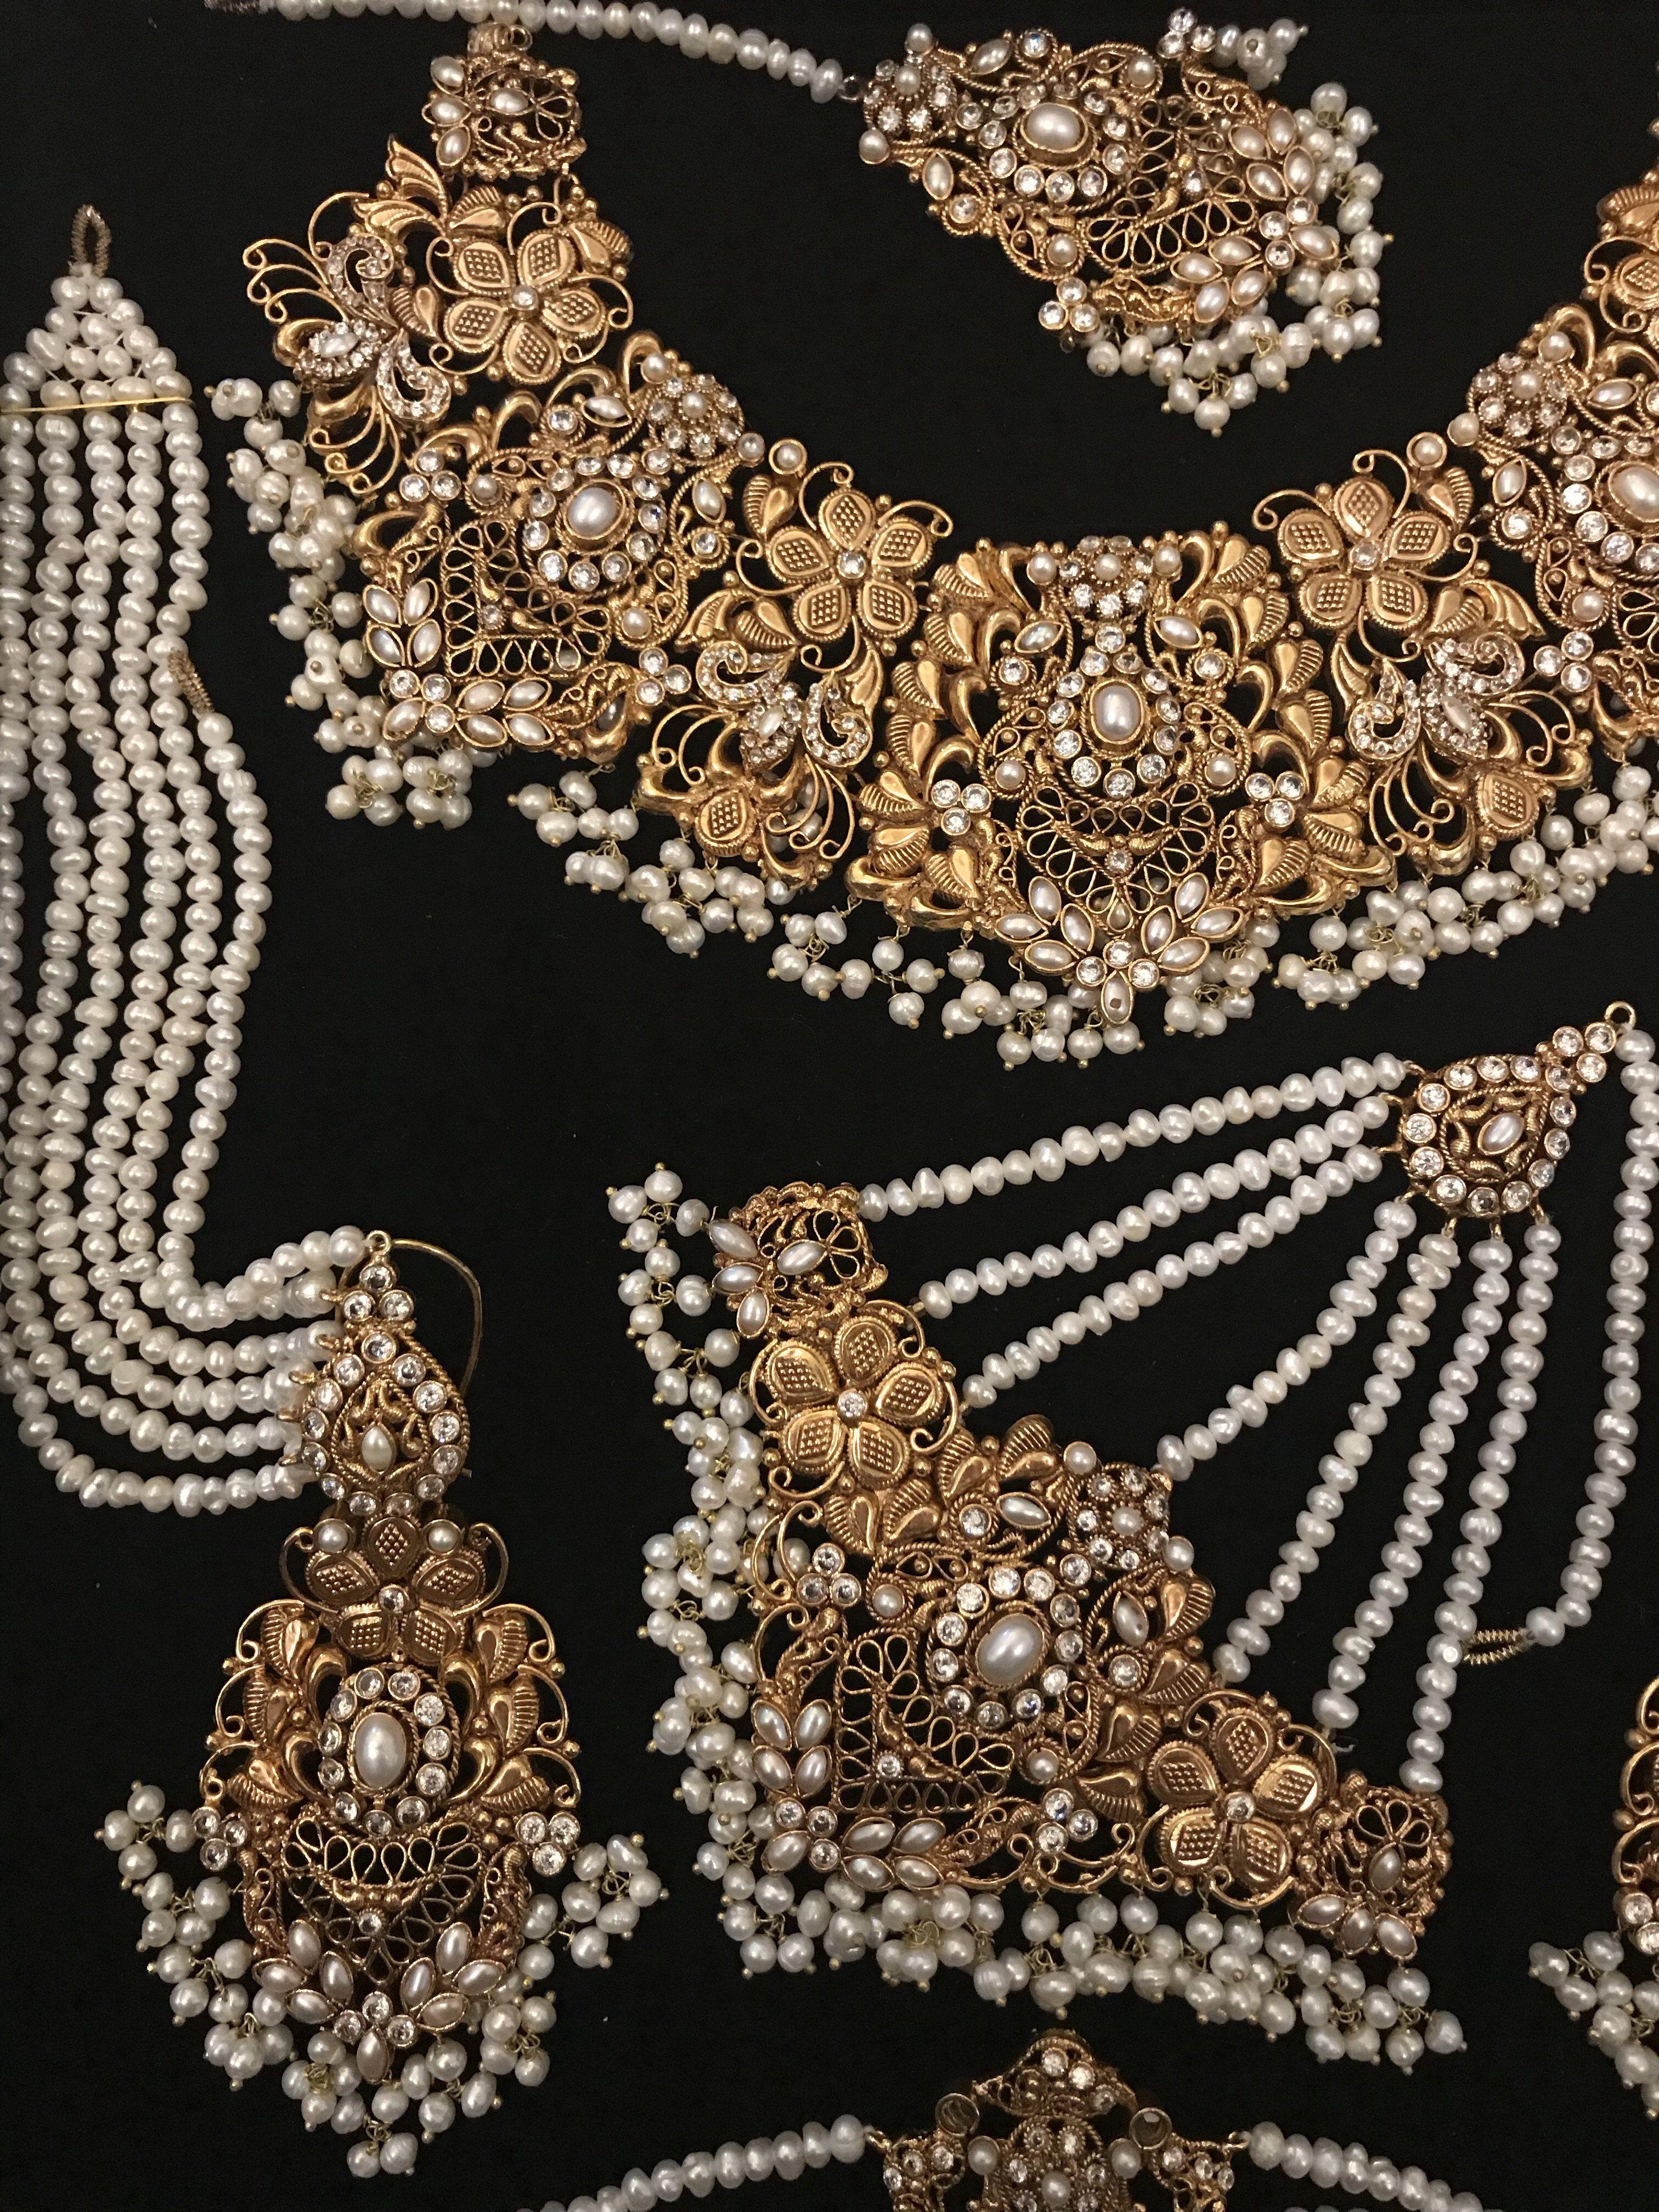 Wedding Jewelry Pakistan Bridal Fashion Jewelry Gold Necklace Indian Bridal Jewelry Pakistani Bridal Jewelry